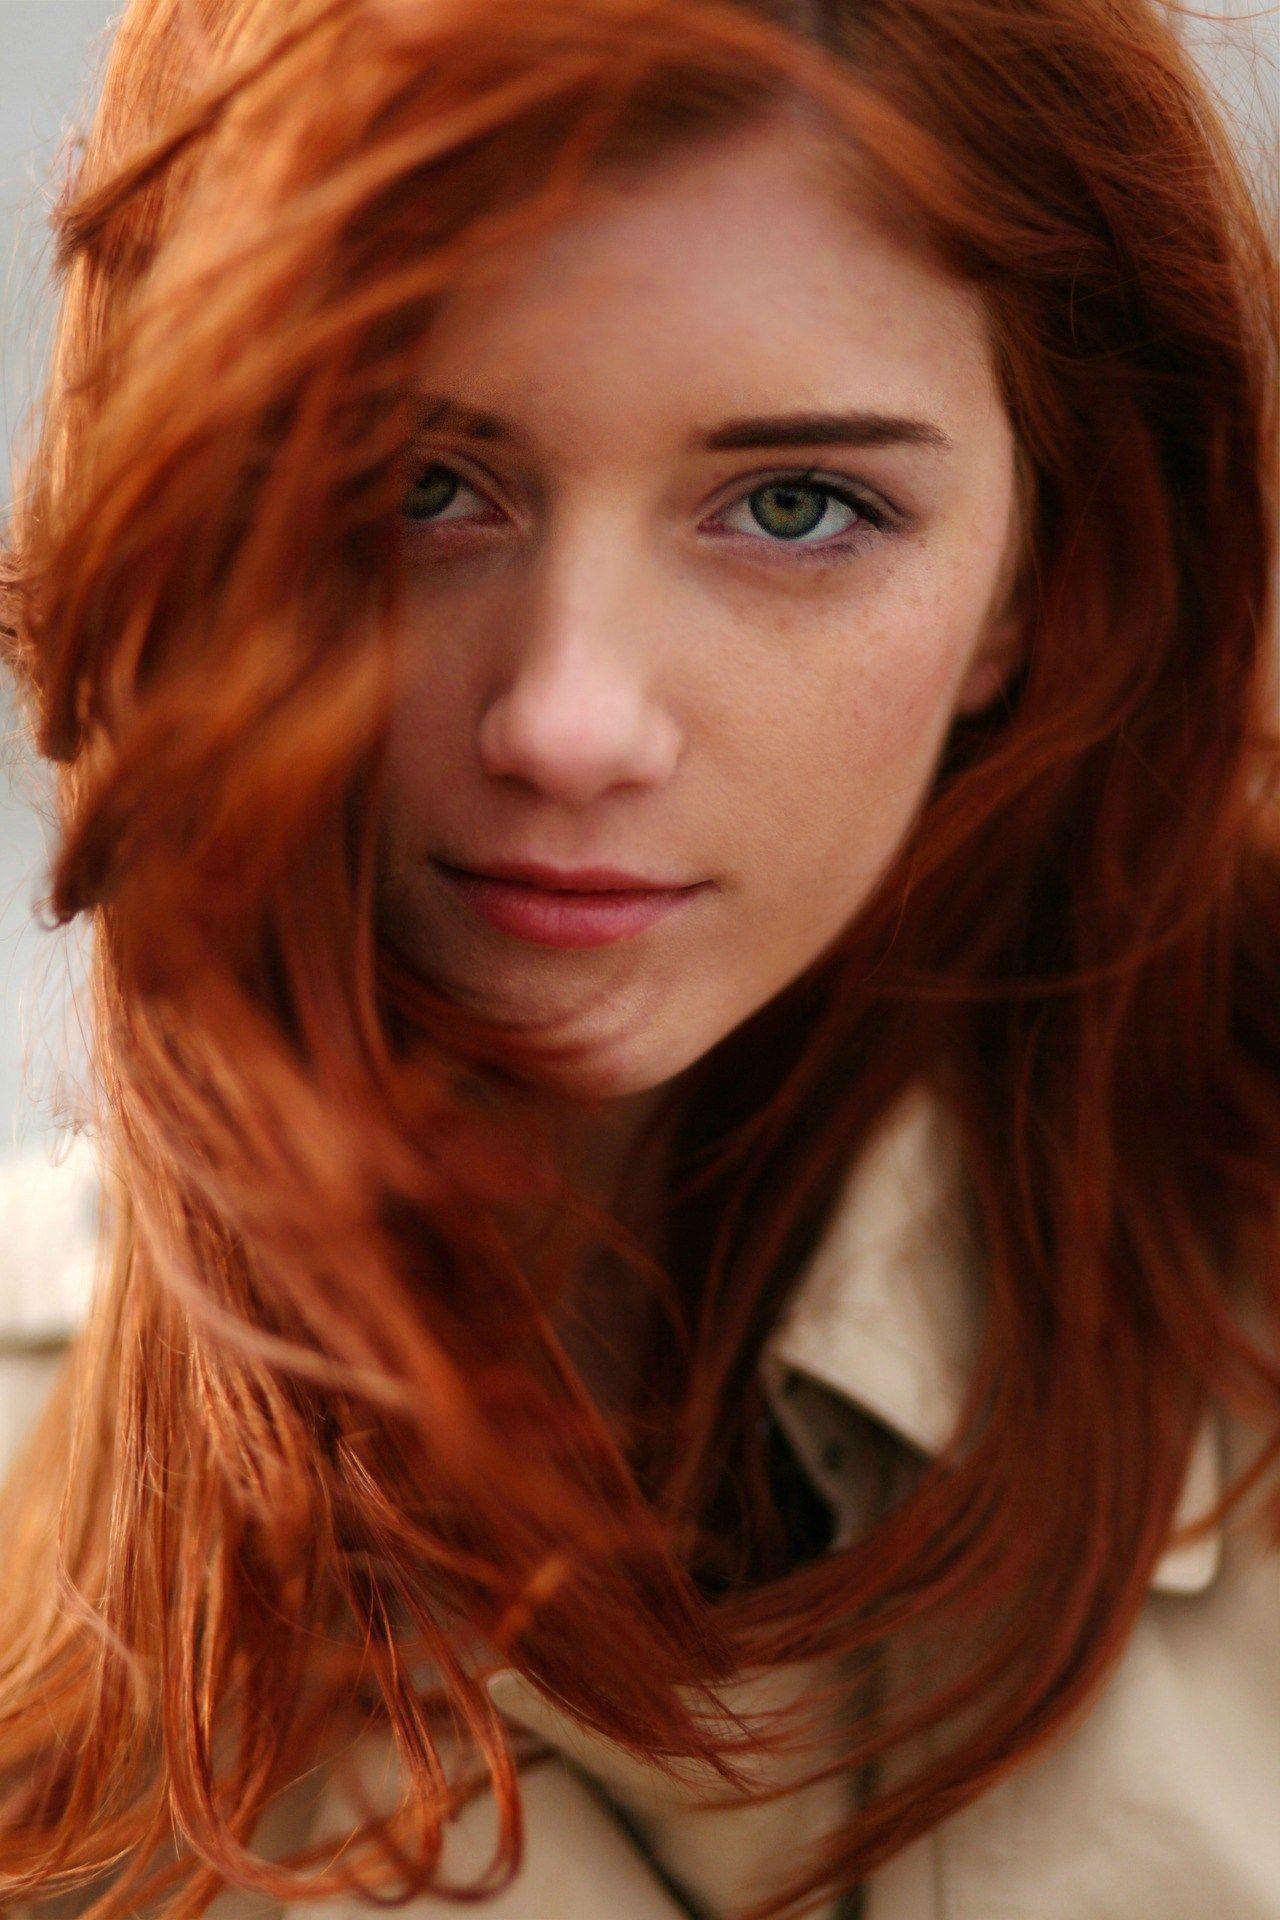 Épinglé sur Hot redheads